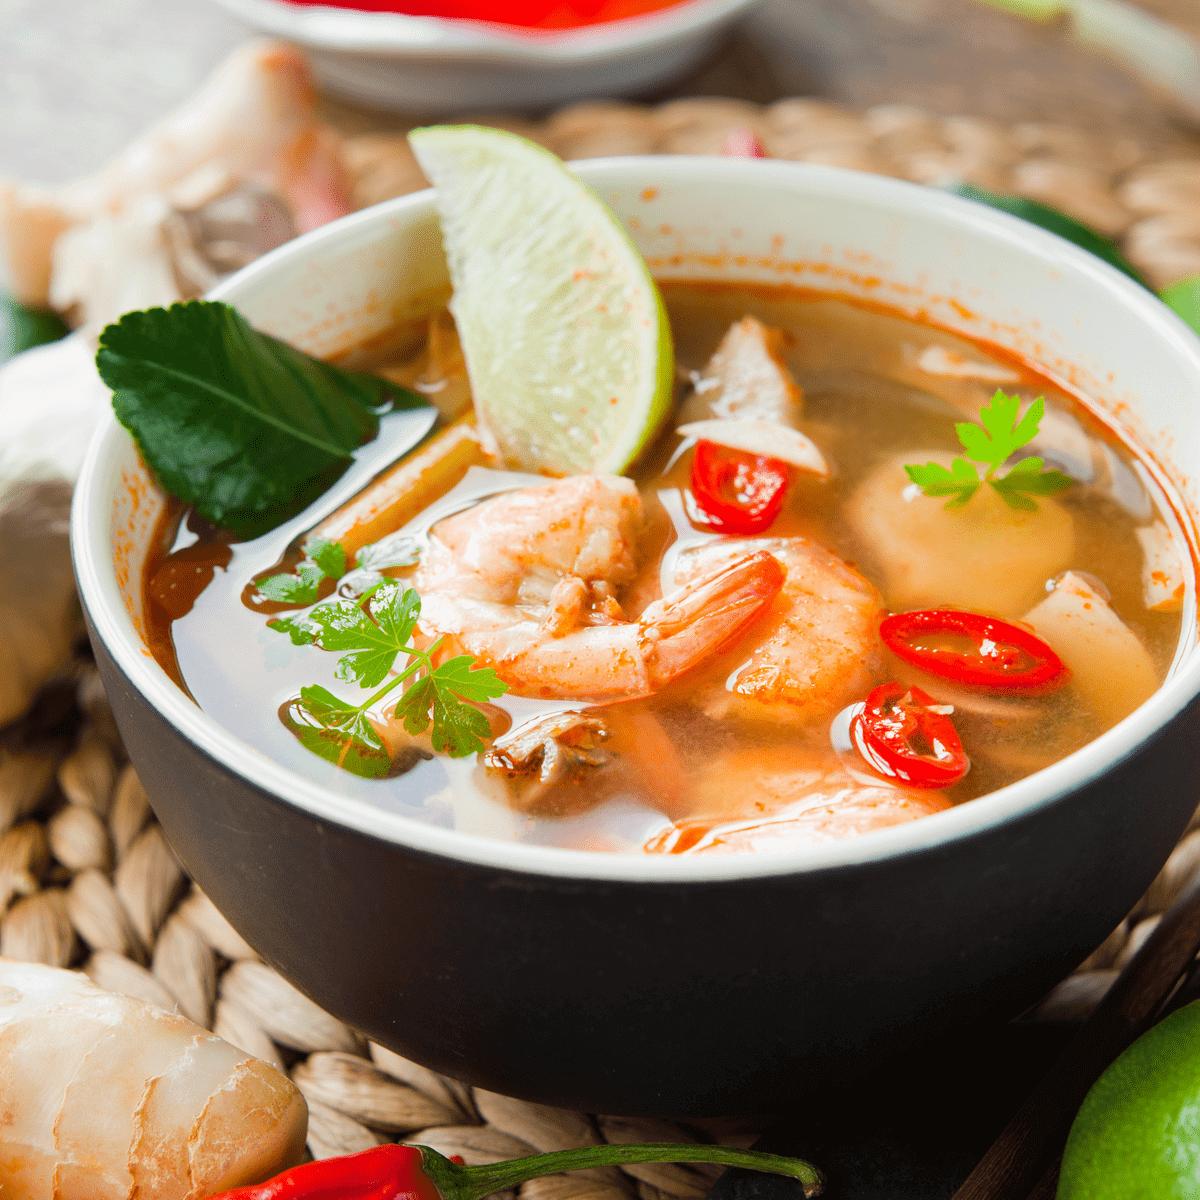 وصفات أنواع شهية من أطباق الشوربة الآسيوية